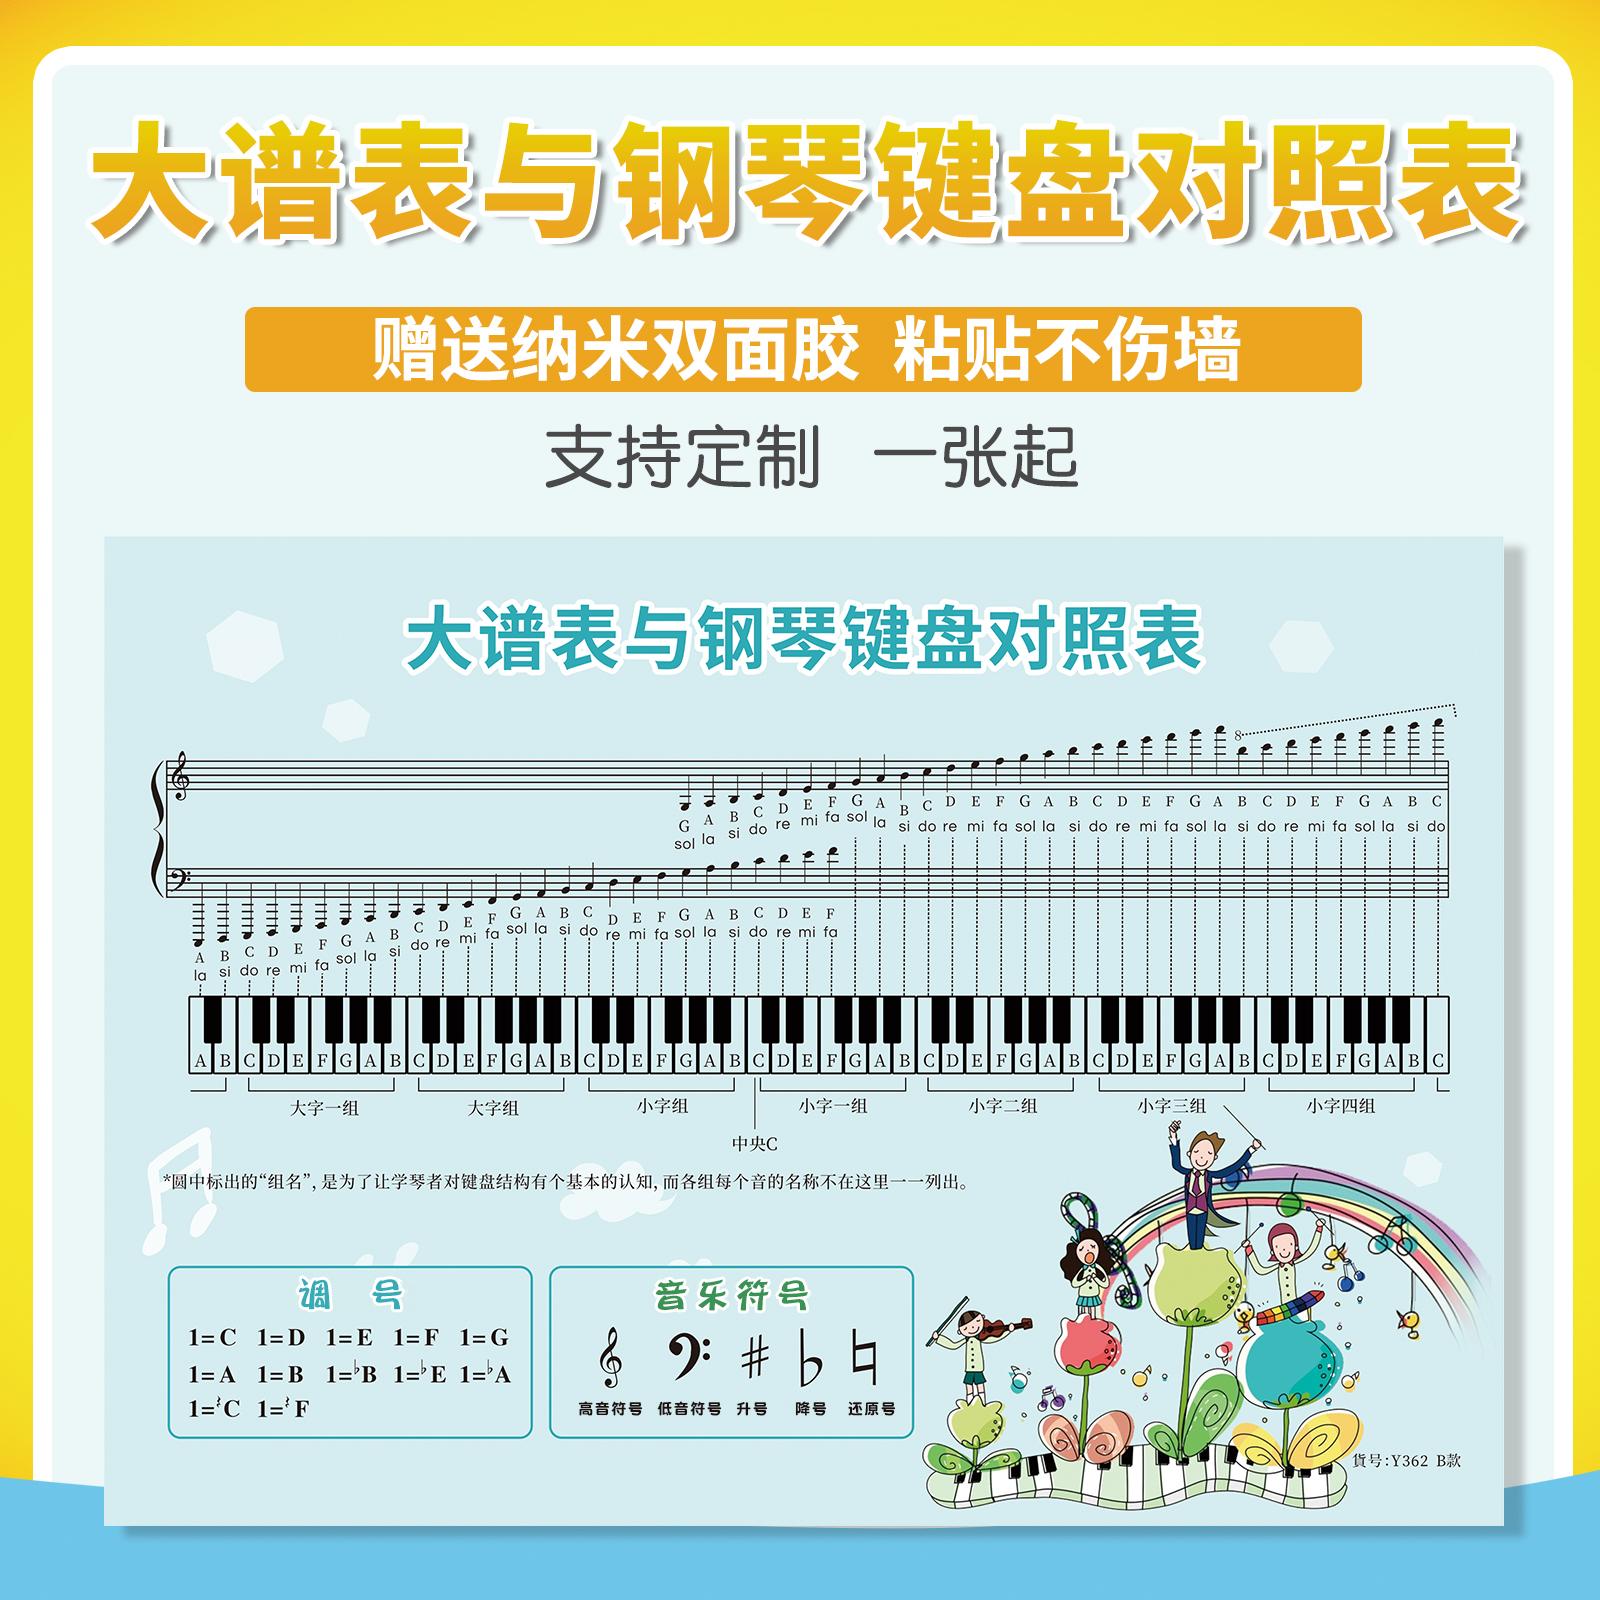 大谱表与钢琴键盘对照表音符知识乐理表挂图墙海报纸家用琴行包邮